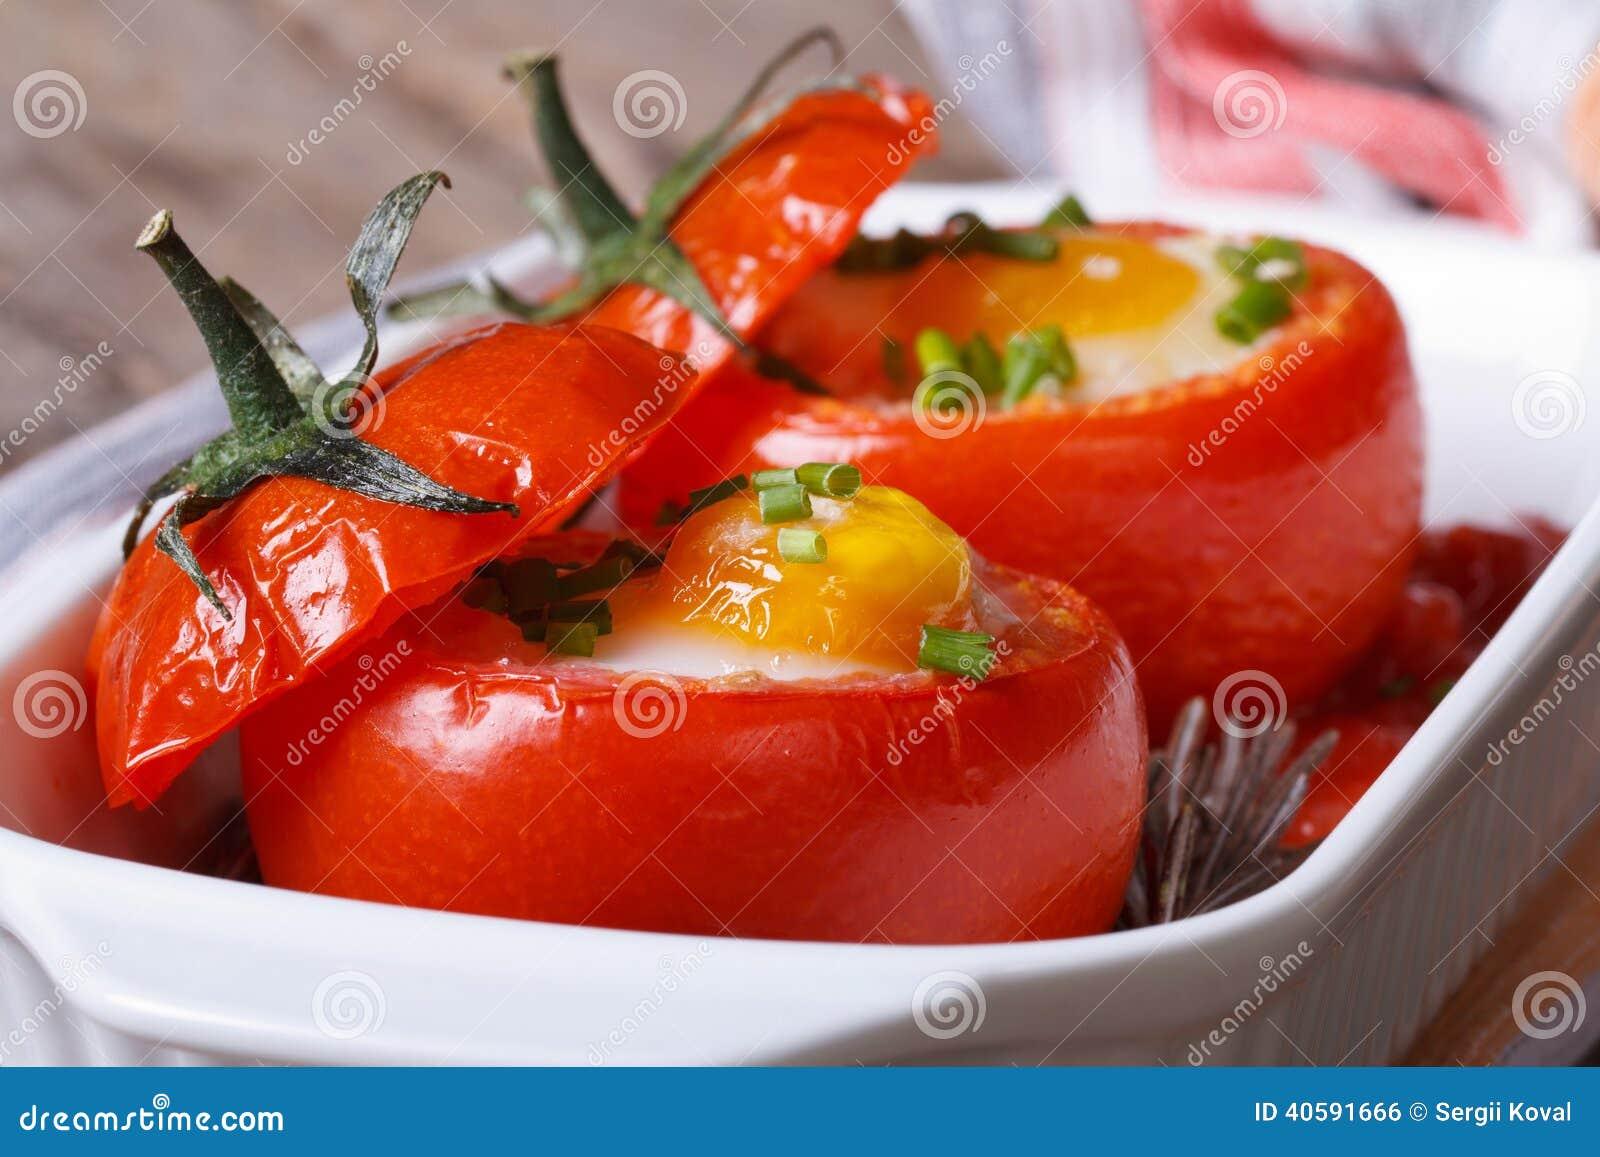 smakelijk voorgerecht van gebakken die tomaten met eieren worden gevuld stock foto afbeelding. Black Bedroom Furniture Sets. Home Design Ideas